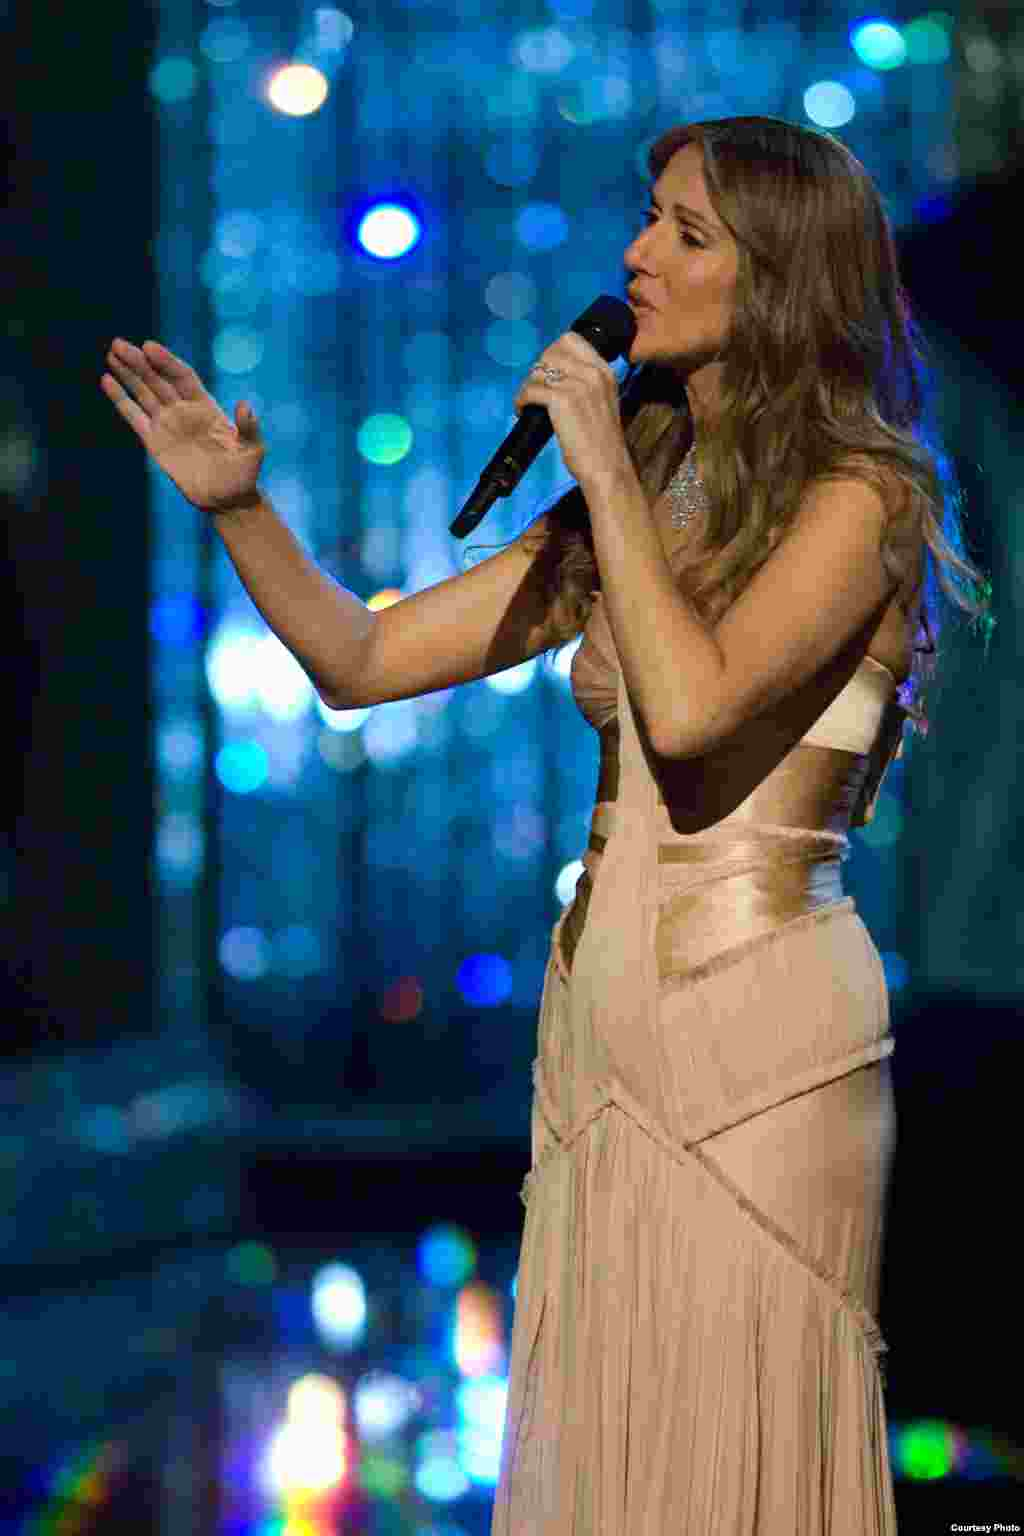 «سلین دایان» خواننده محبوب بیش از هفتاد میلیون ایرانی در سراسر جهان!